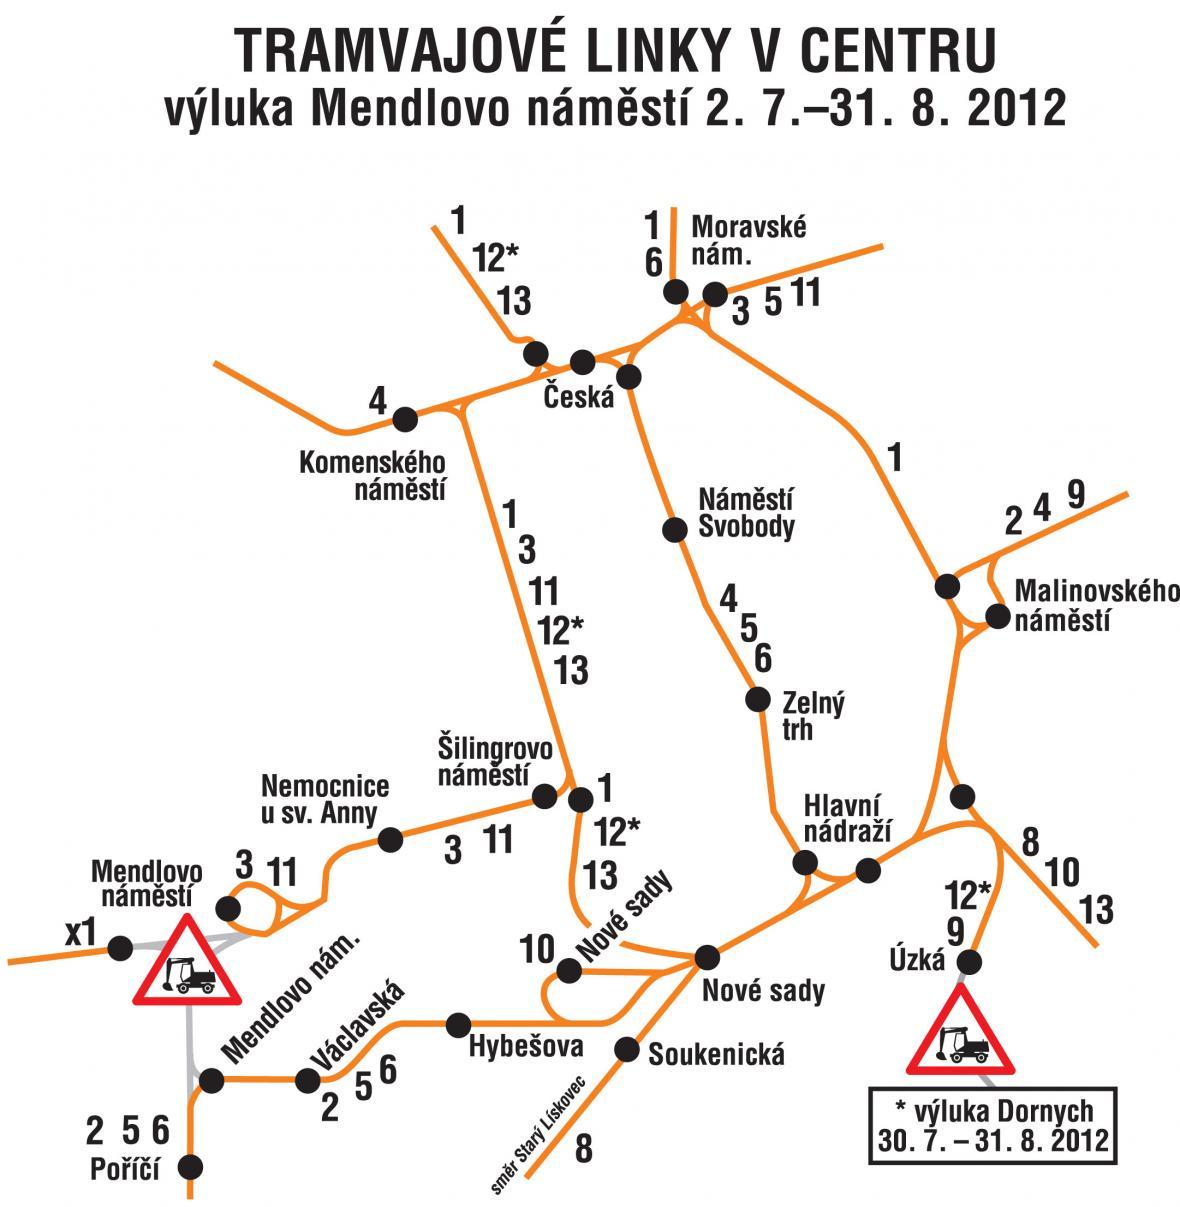 Tramvajové linky v centru Brna